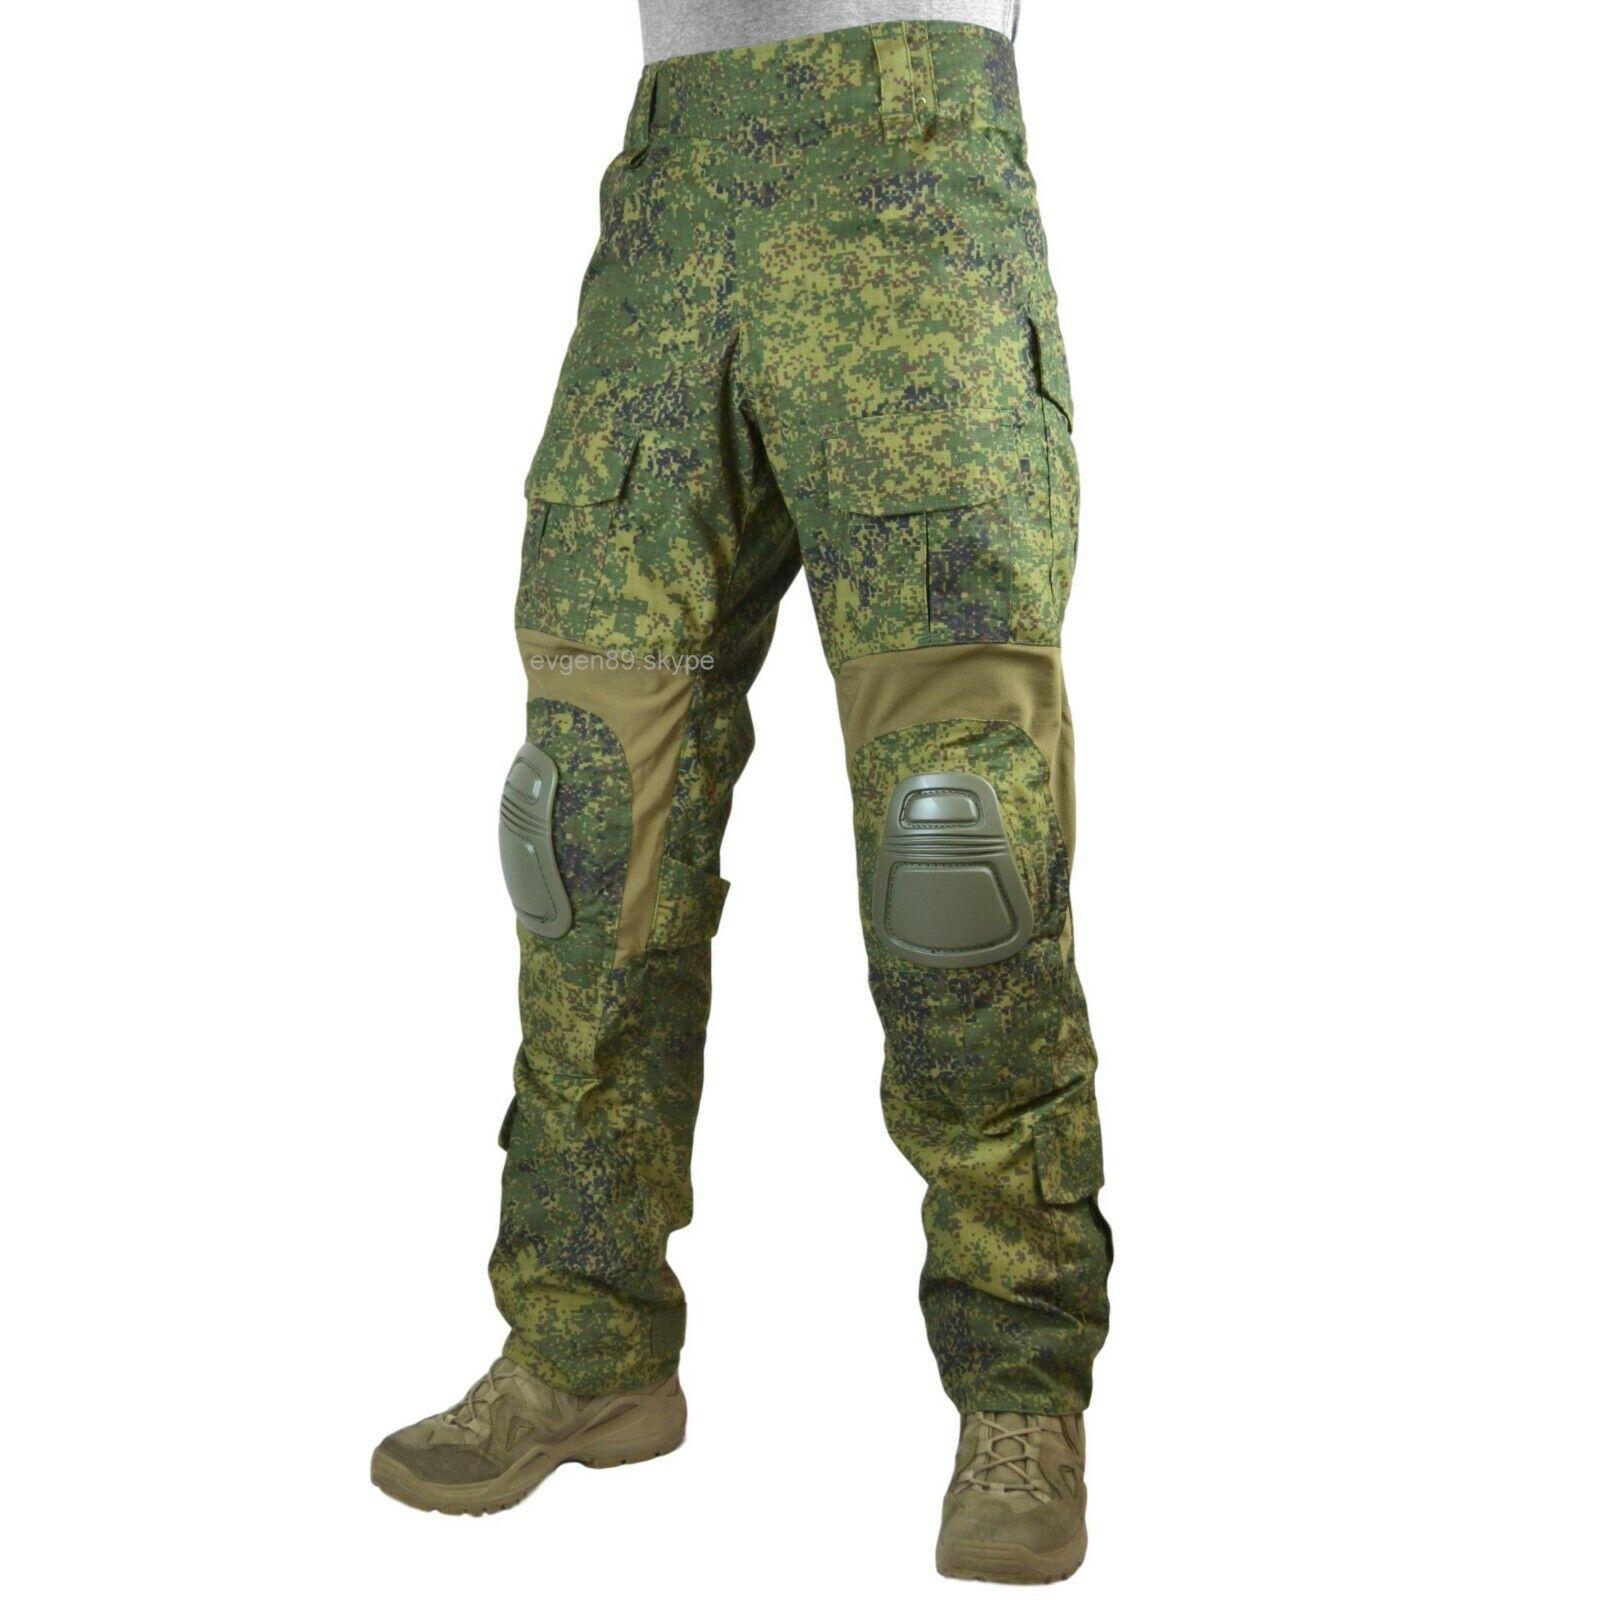 Ana táctico ruso Combate Pantalones EMR Digital Flora G3 Con Rodilleras